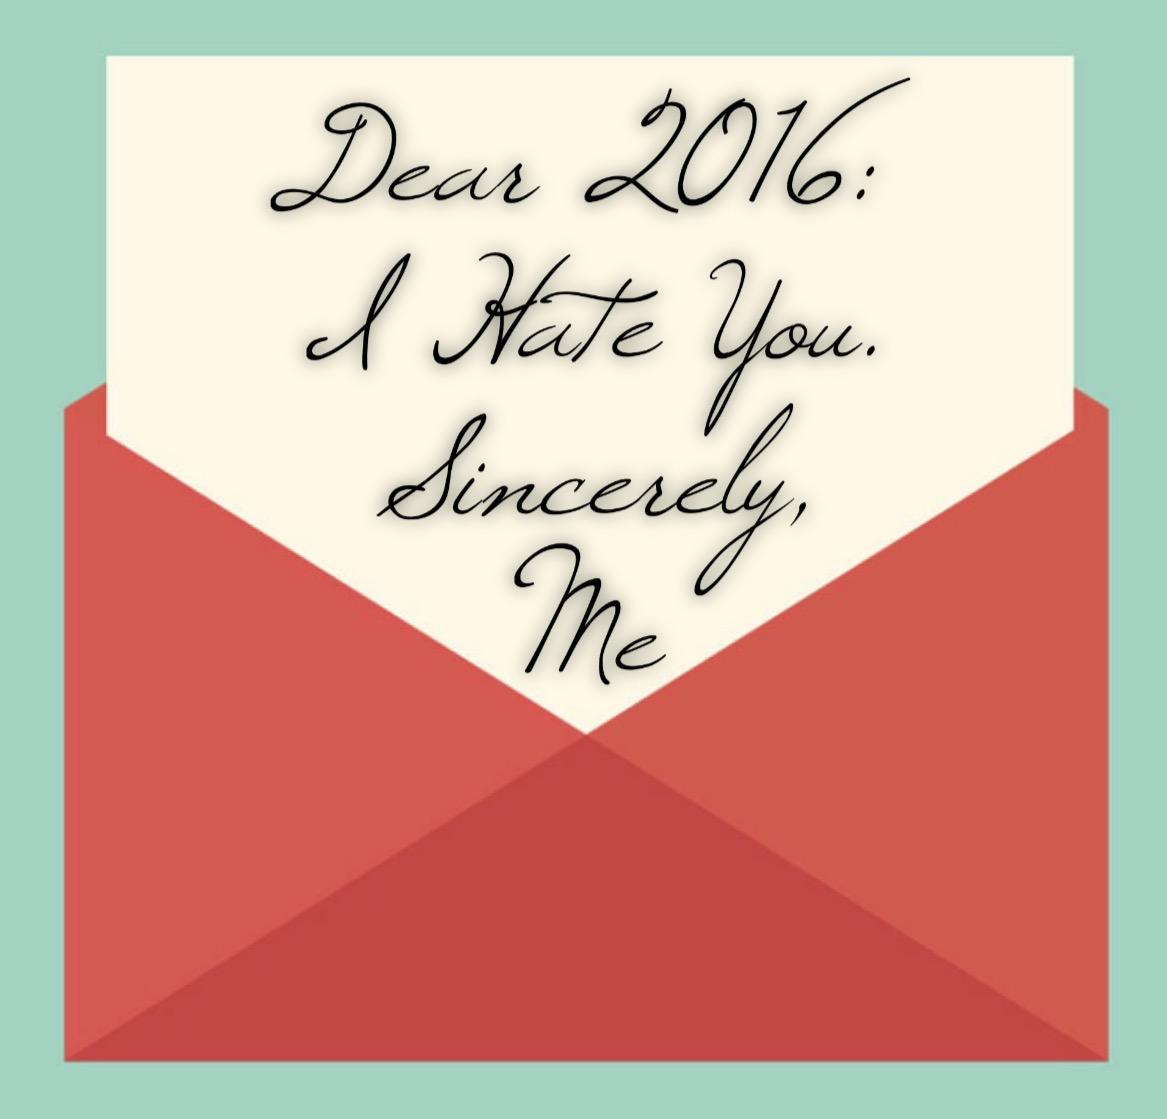 dear2016txt